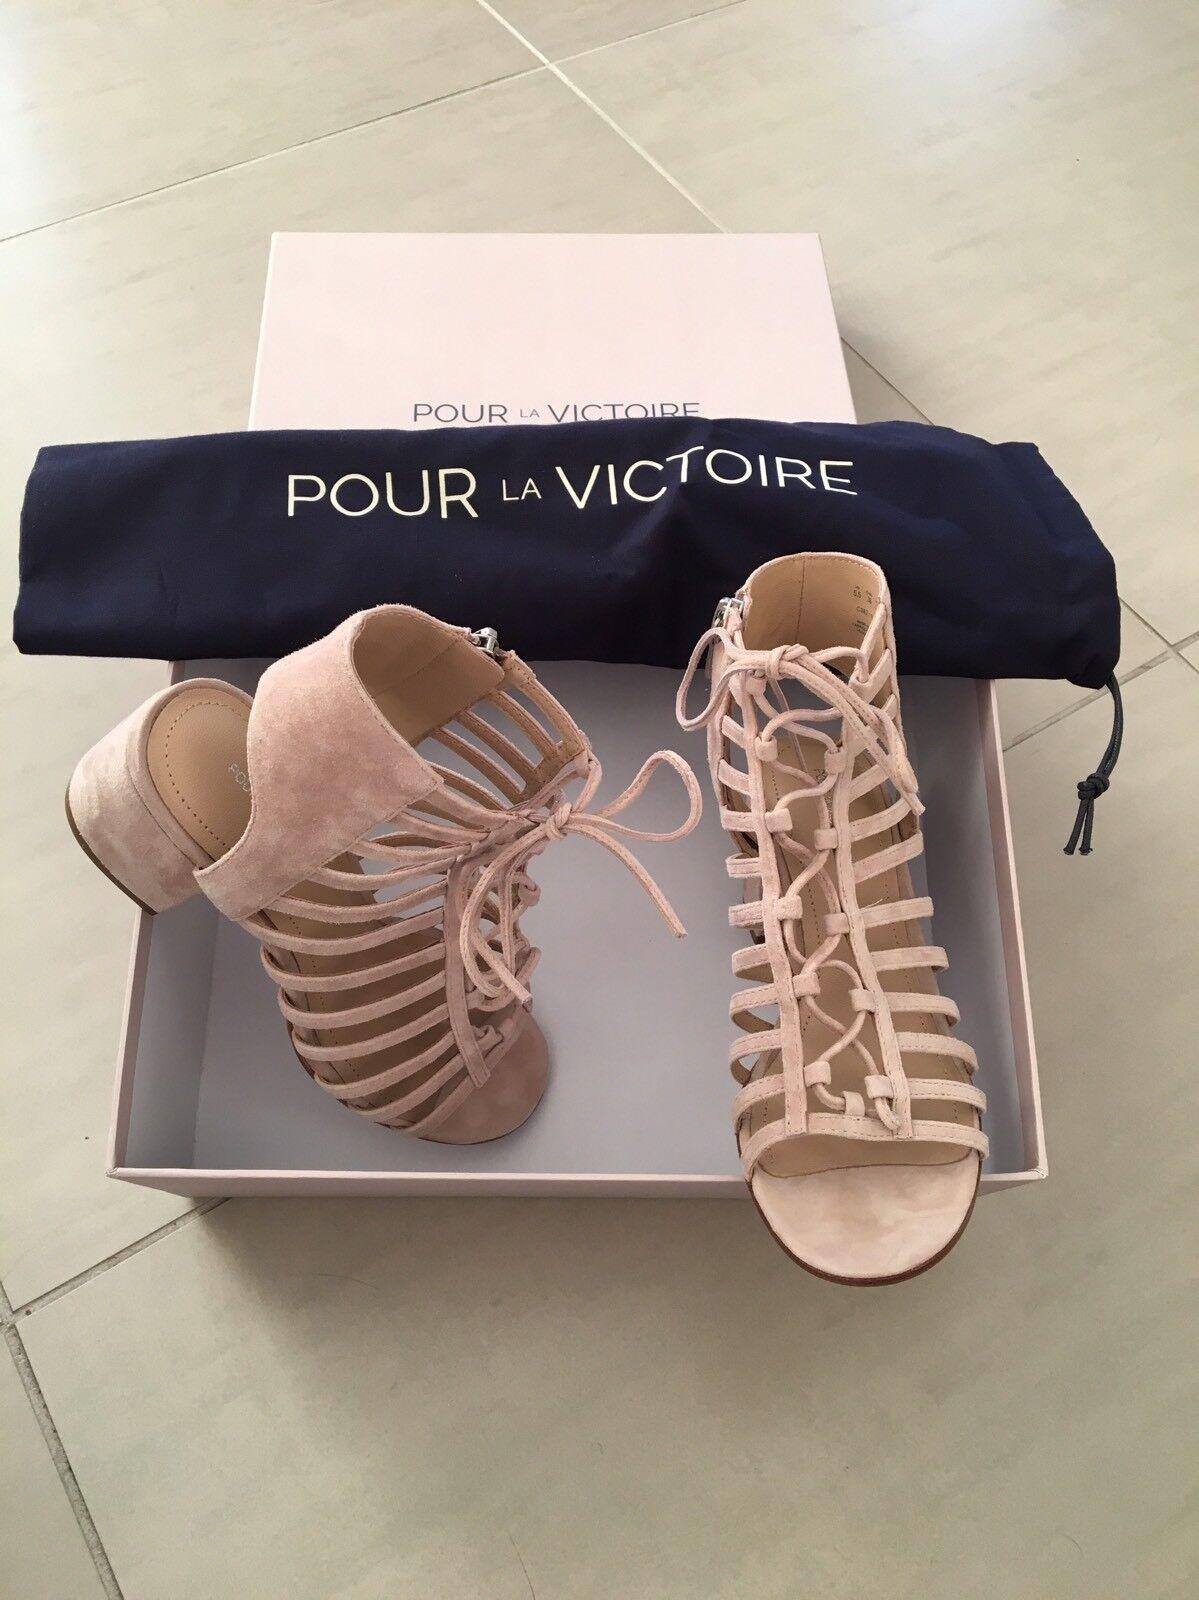 NWT/NIB Pour la Victoire Amabelle Suede Heel Sandals - Size 5.5M - Retail @  275